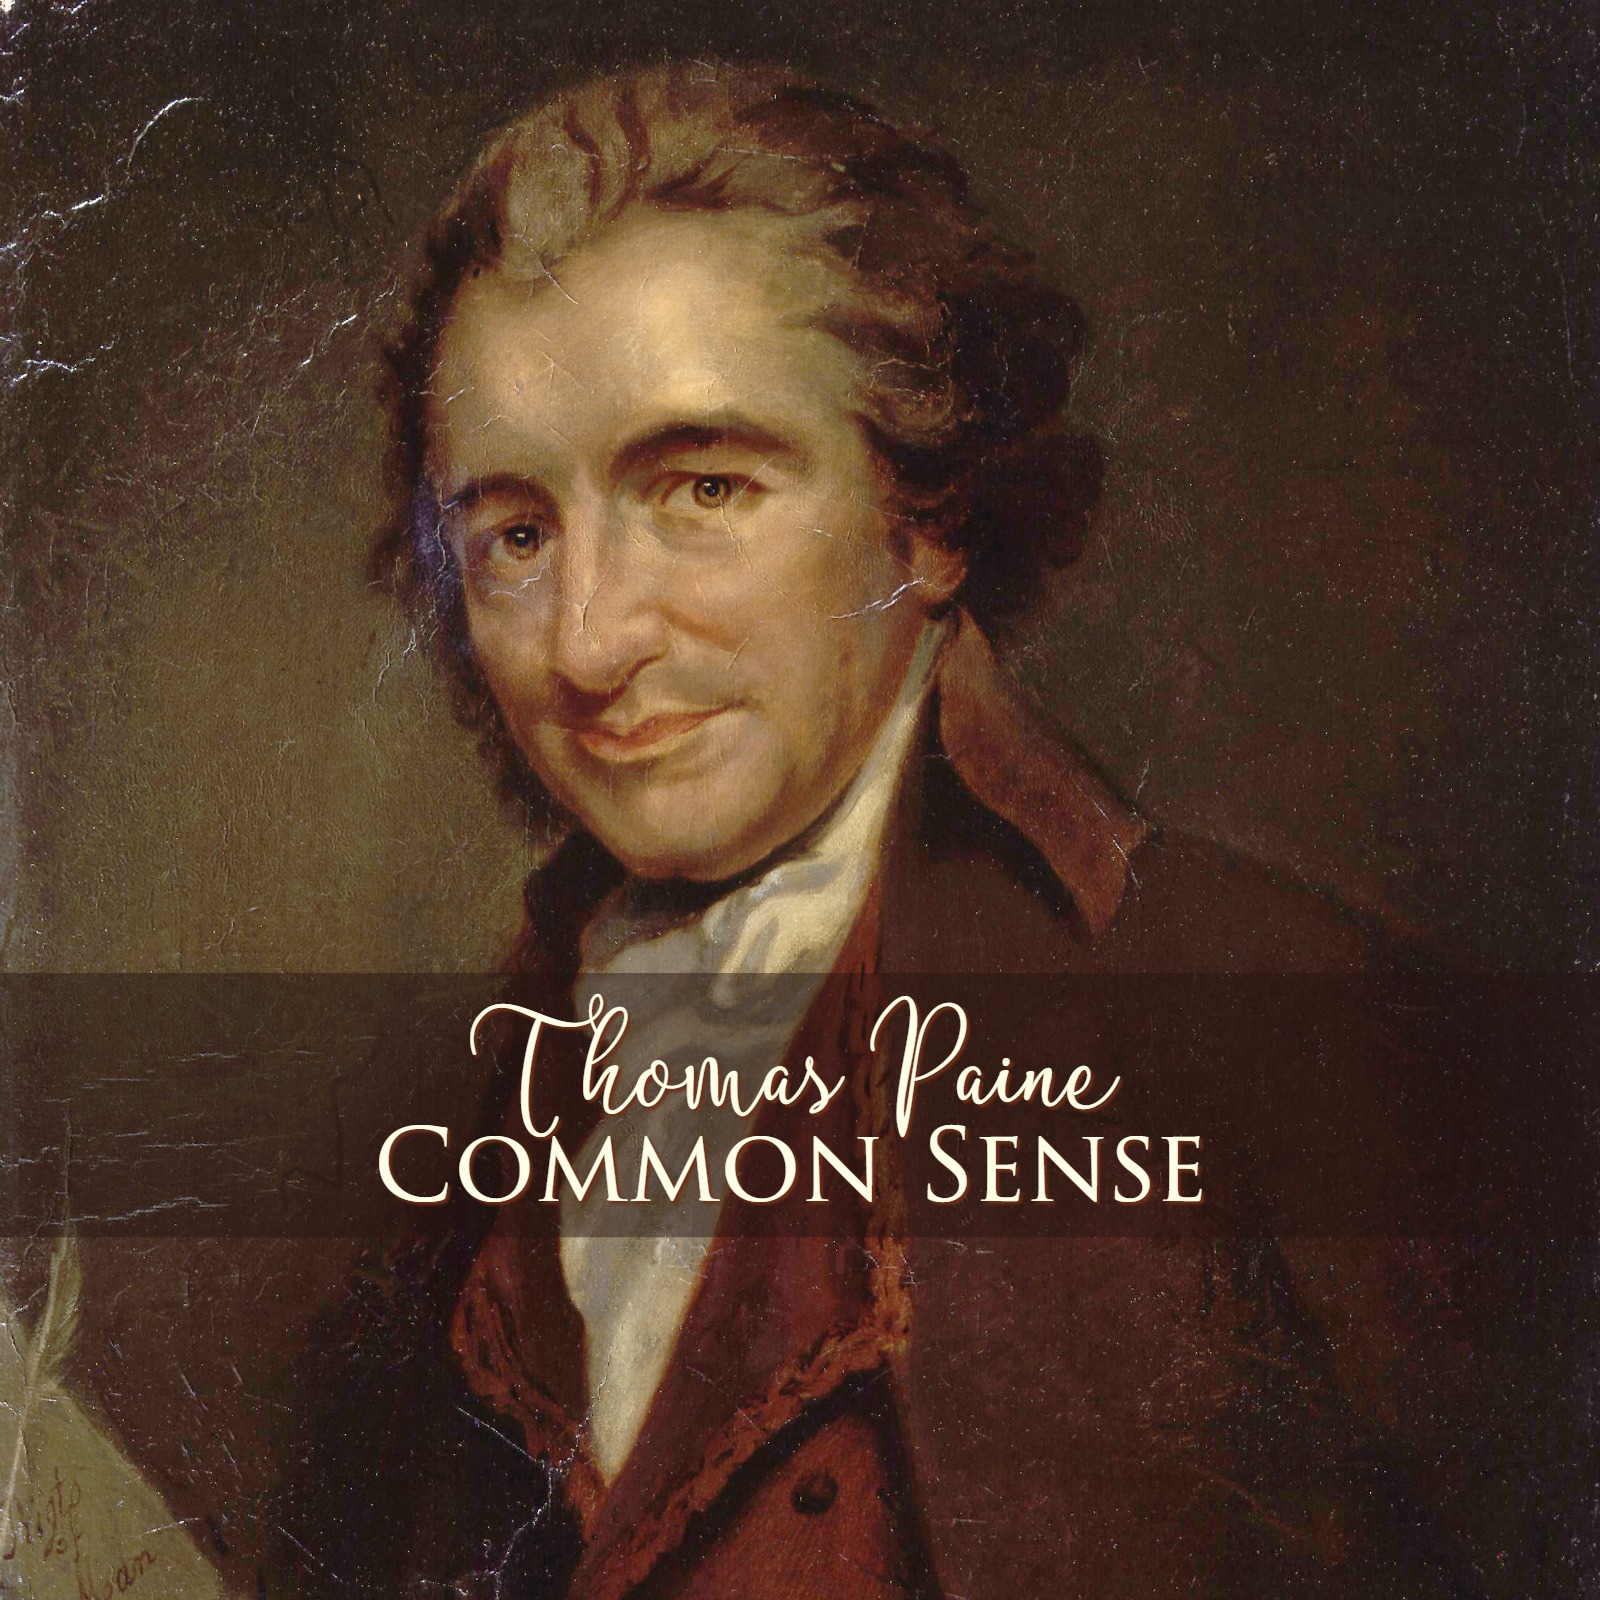 Thomas Paine's 'Common Sense': A Book Review Essay